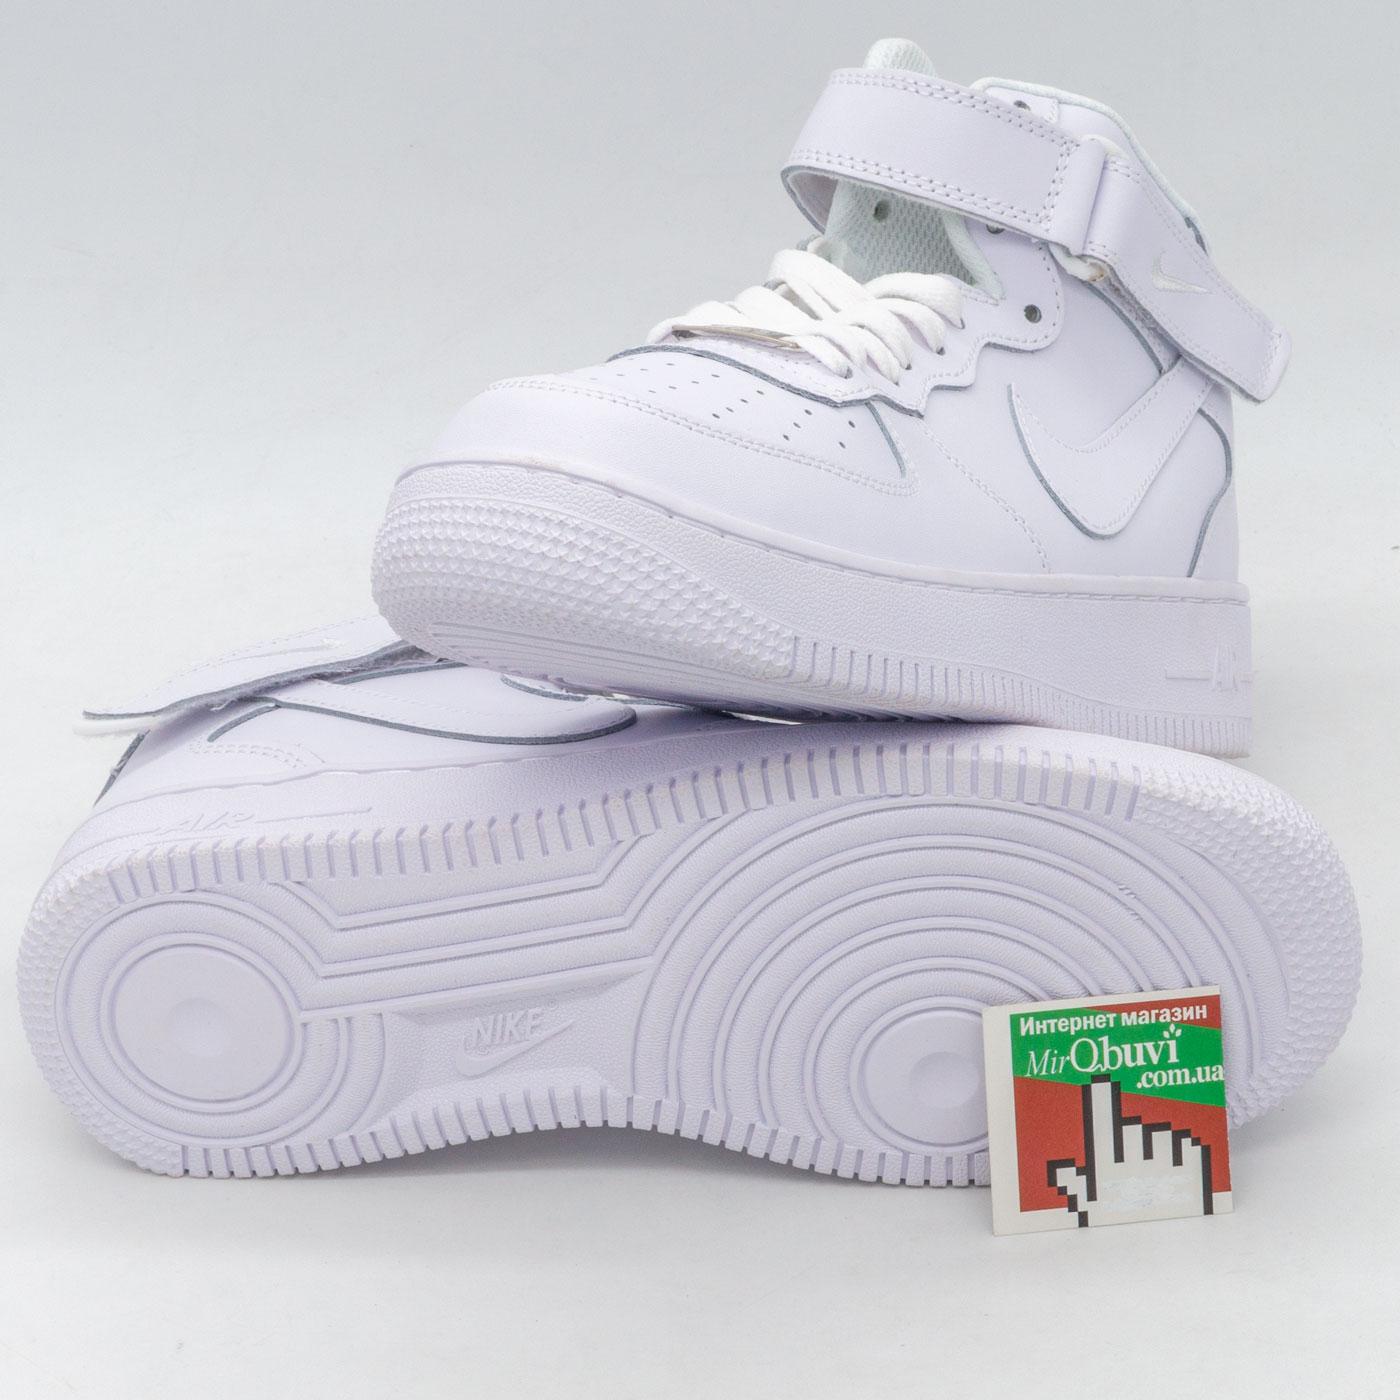 фото back Кроссовки Nike Air Force высокие белые back